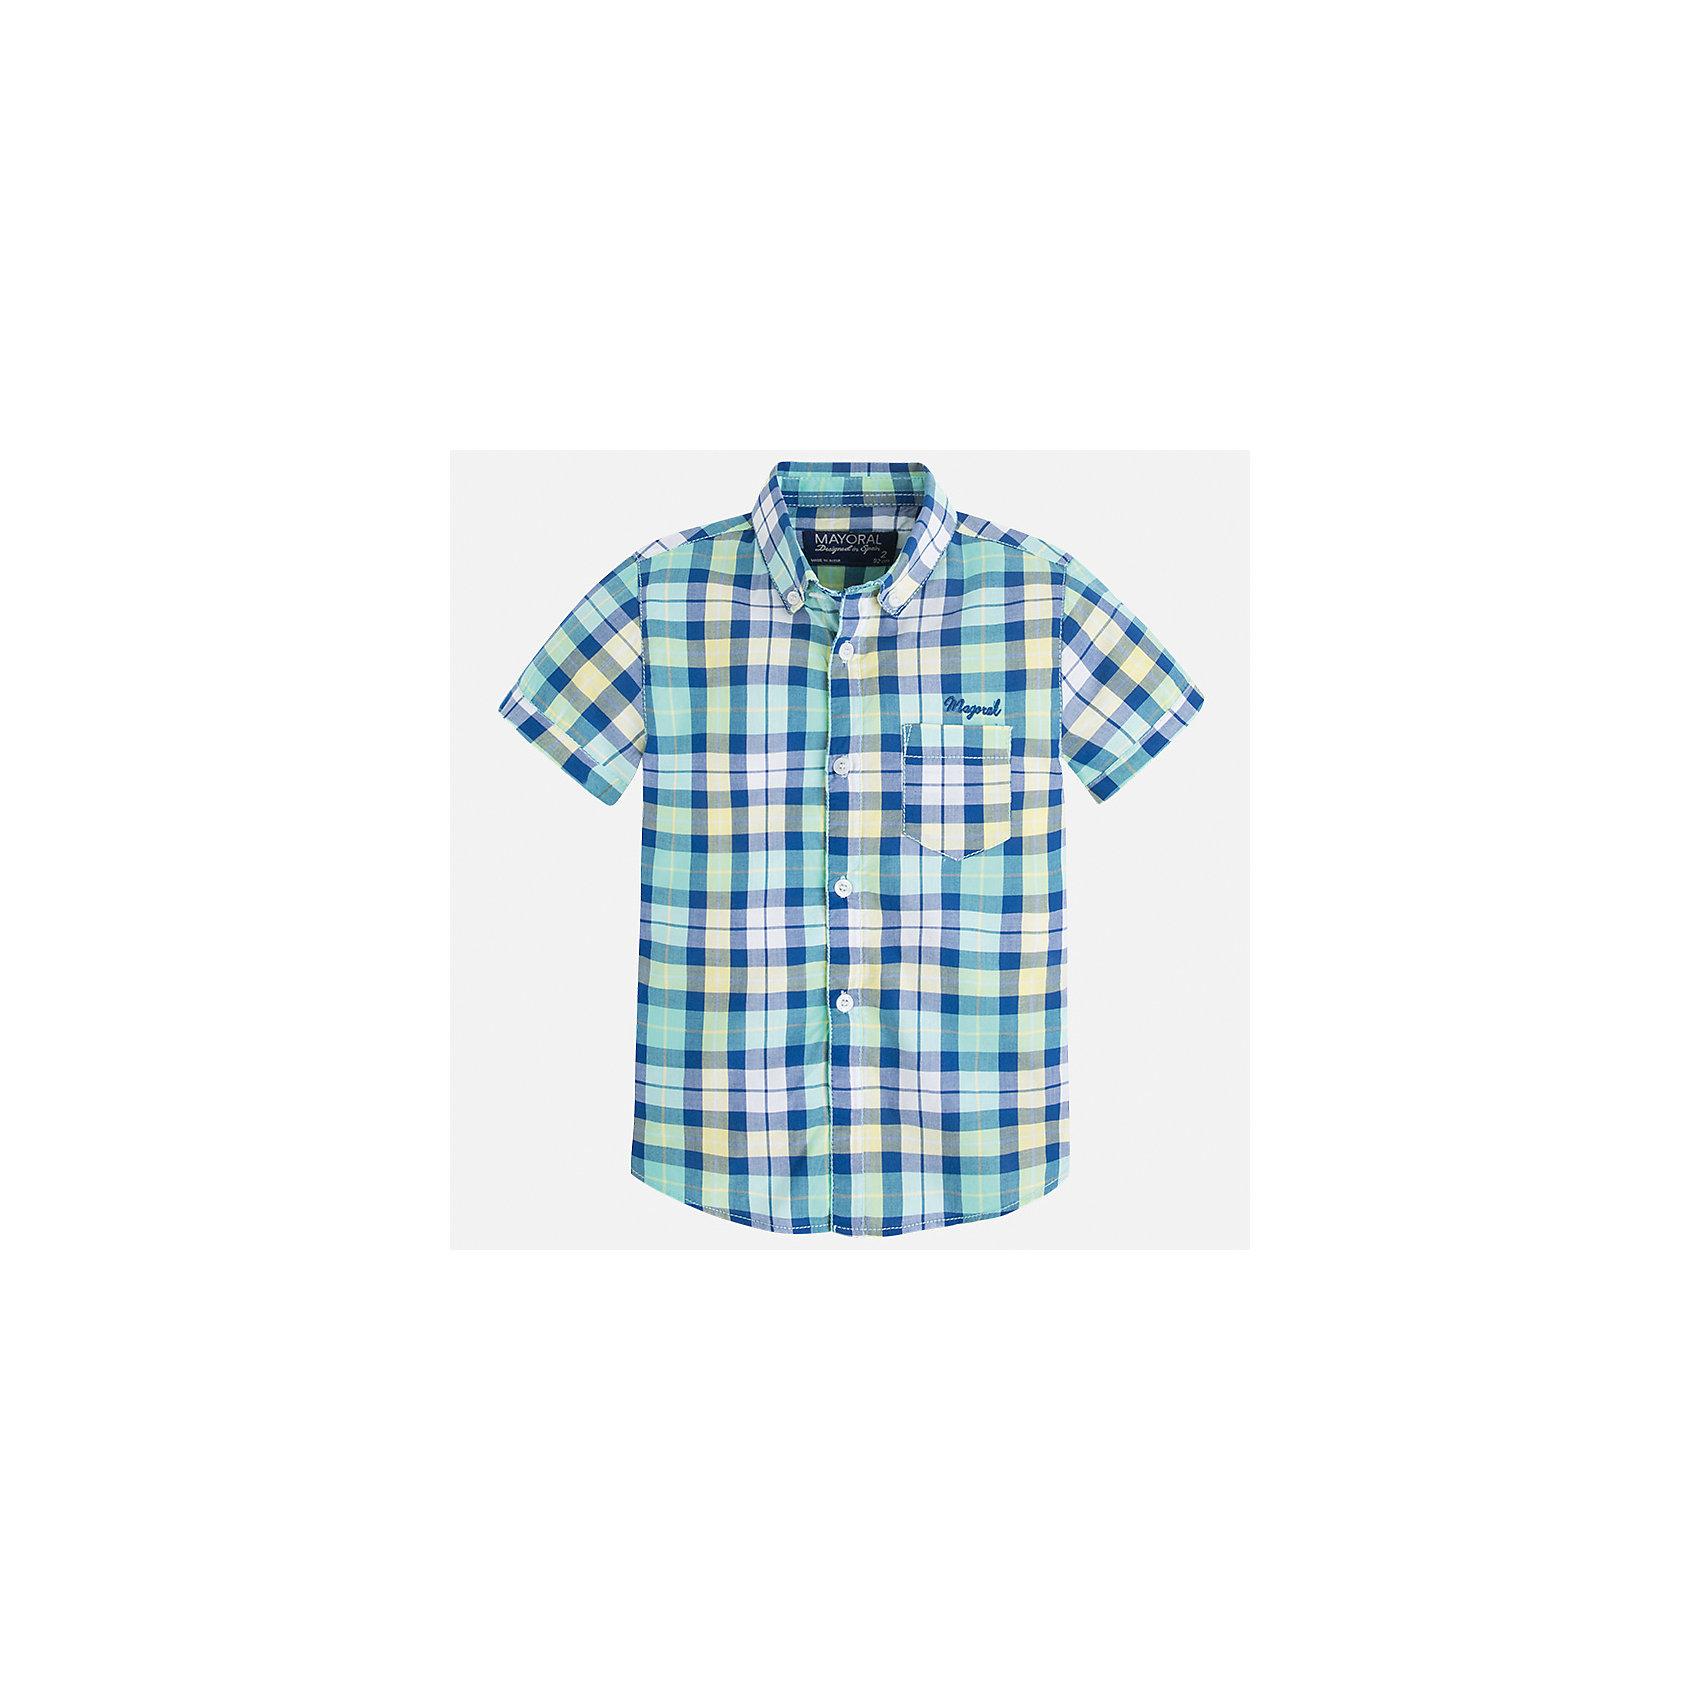 Рубашка для мальчика MayoralБлузки и рубашки<br>Характеристики товара:<br><br>• цвет: зеленый<br>• состав: 100% хлопок<br>• отложной воротник<br>• короткие рукава<br>• застежка: пуговицы<br>• вышивка и карман на груди<br>• страна бренда: Испания<br><br>Стильная рубашка для мальчика может стать базовой вещью в гардеробе ребенка. Она отлично сочетается с брюками, шортами, джинсами и т.д. Универсальный крой и цвет позволяет подобрать к вещи низ разных расцветок. Практичное и стильное изделие! В составе материала - только натуральный хлопок, гипоаллергенный, приятный на ощупь, дышащий.<br><br>Одежда, обувь и аксессуары от испанского бренда Mayoral полюбились детям и взрослым по всему миру. Модели этой марки - стильные и удобные. Для их производства используются только безопасные, качественные материалы и фурнитура. Порадуйте ребенка модными и красивыми вещами от Mayoral! <br><br>Рубашку для мальчика от испанского бренда Mayoral (Майорал) можно купить в нашем интернет-магазине.<br><br>Ширина мм: 174<br>Глубина мм: 10<br>Высота мм: 169<br>Вес г: 157<br>Цвет: зеленый<br>Возраст от месяцев: 18<br>Возраст до месяцев: 24<br>Пол: Мужской<br>Возраст: Детский<br>Размер: 92,134,128,122,116,110,104,98<br>SKU: 5272315